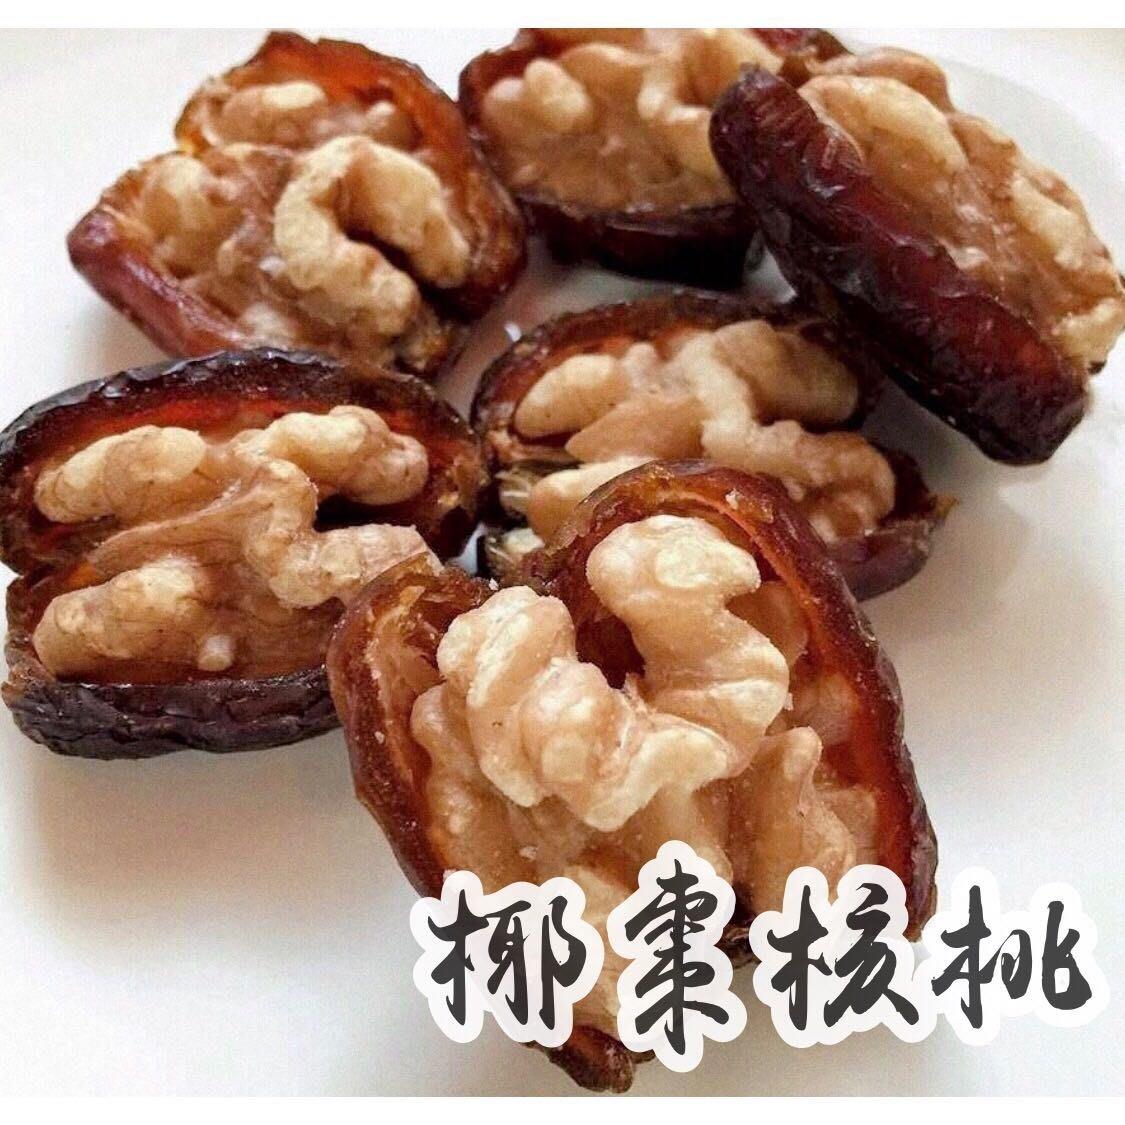 愛饕客【椰棗核桃菓】300g特選中東椰棗裹上1/2大核桃,營養與口感的昇華 !!